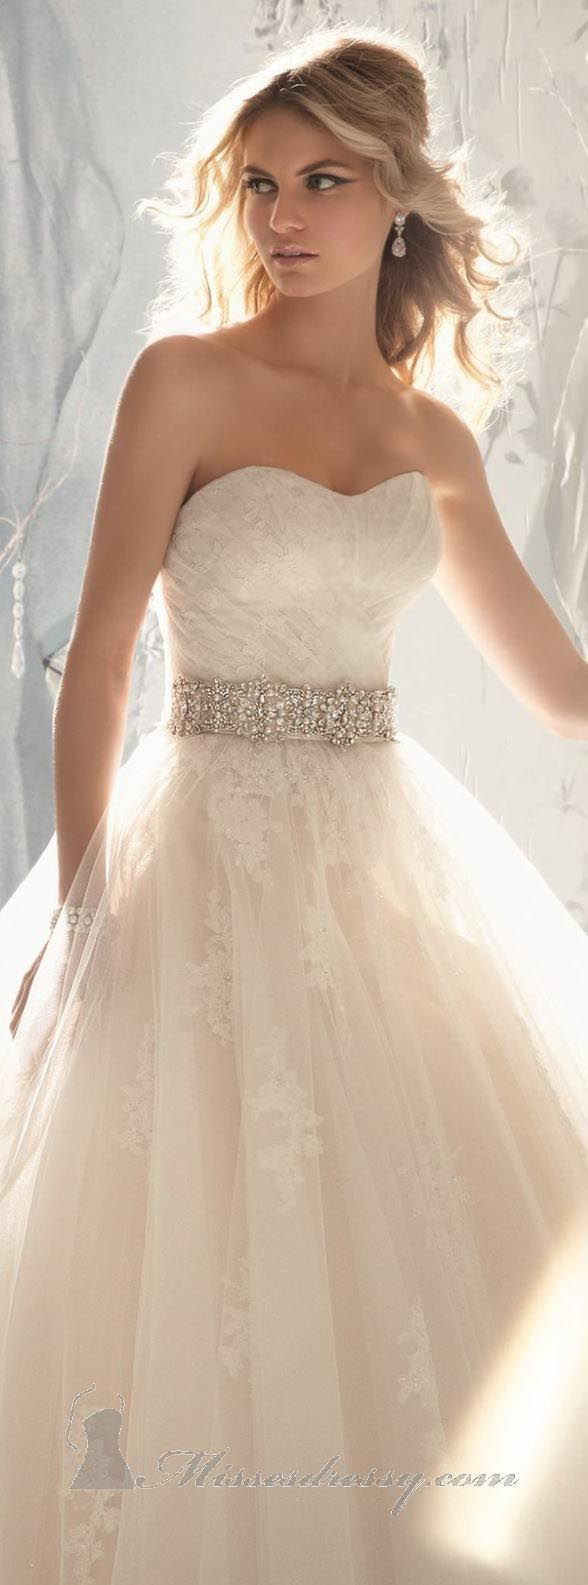 Vestido de novia para hombros anchos